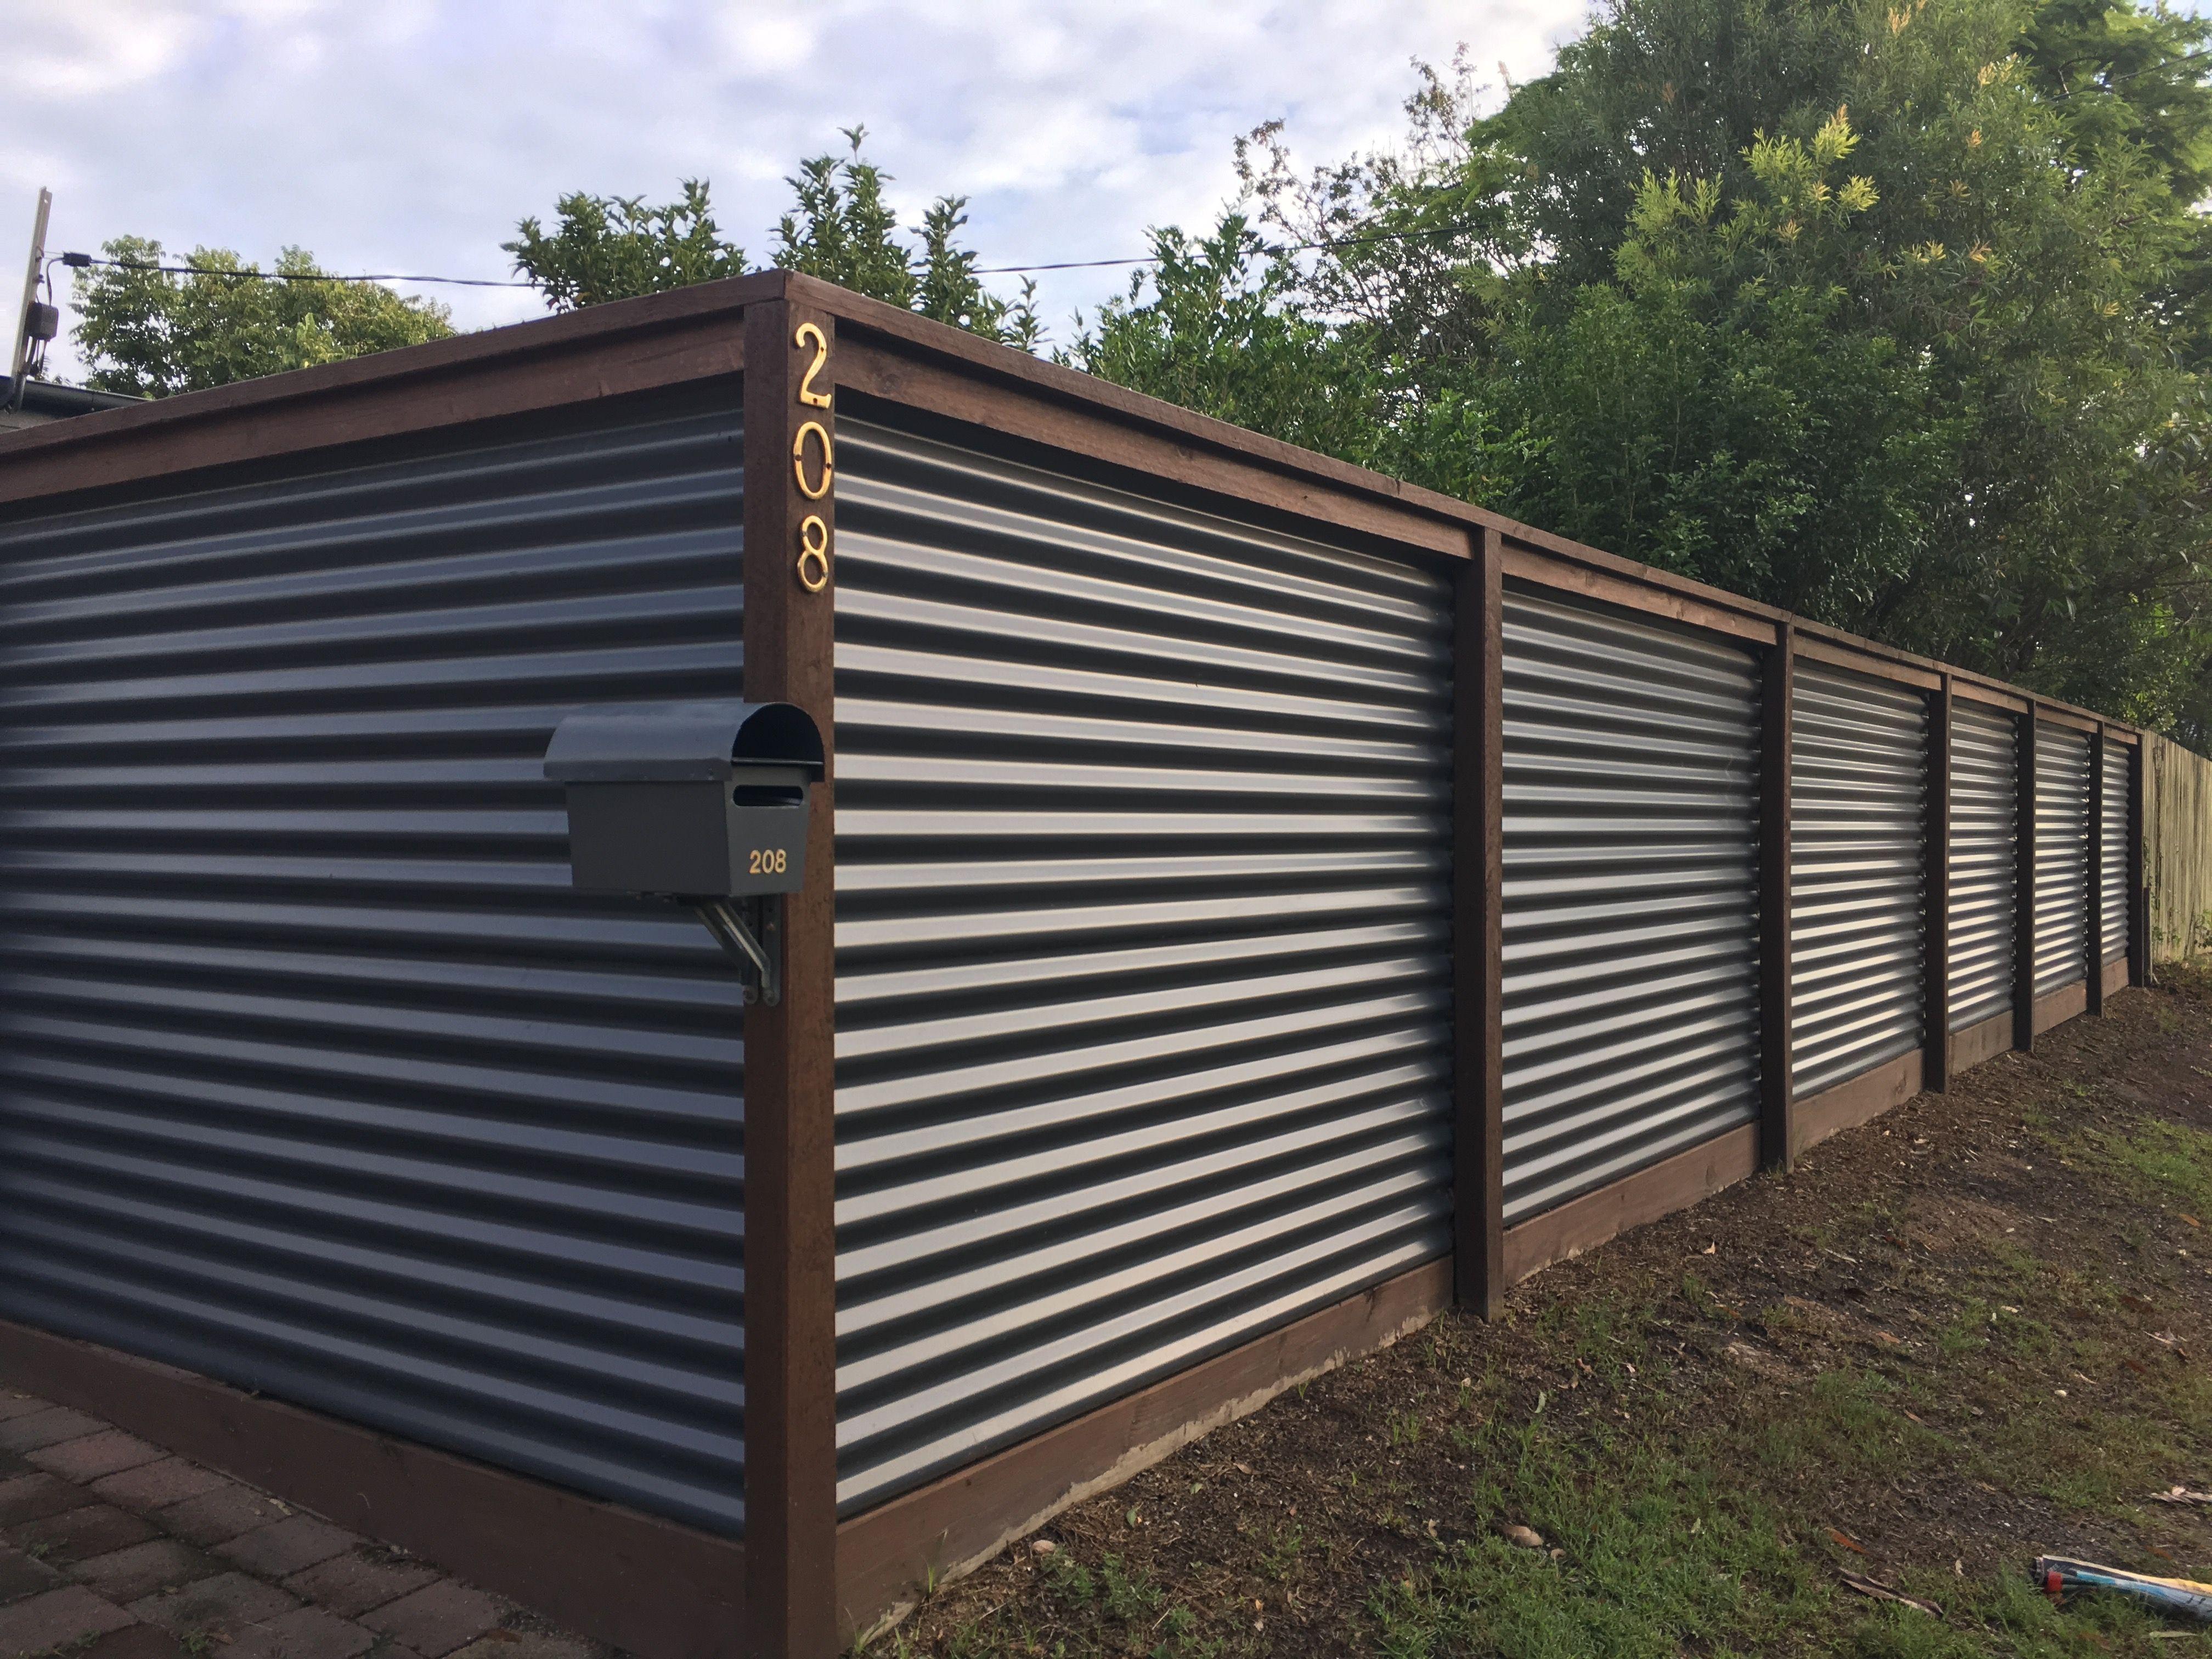 Corrugated Iron And Hardwood Fence Metal Fence Panels Diy Privacy Fence Corrugated Metal Fence